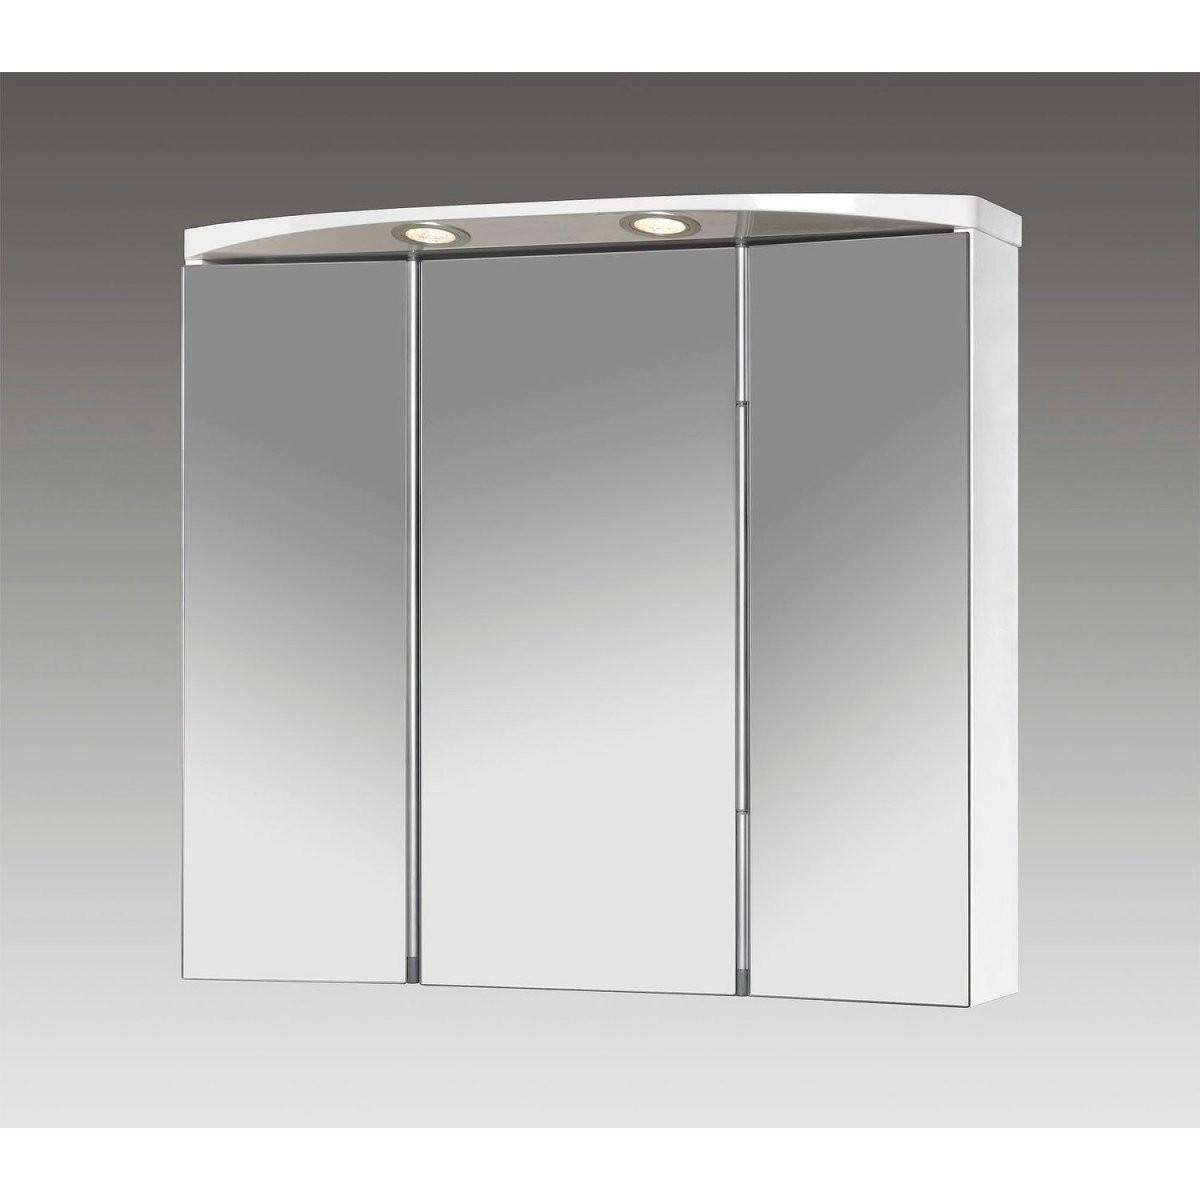 Jokey Spiegelschrank Lauria Led 70 Cm X 64 Cm X 22 Cm Weiß Eek A von Spiegelschränke Mit Led Beleuchtung Bild